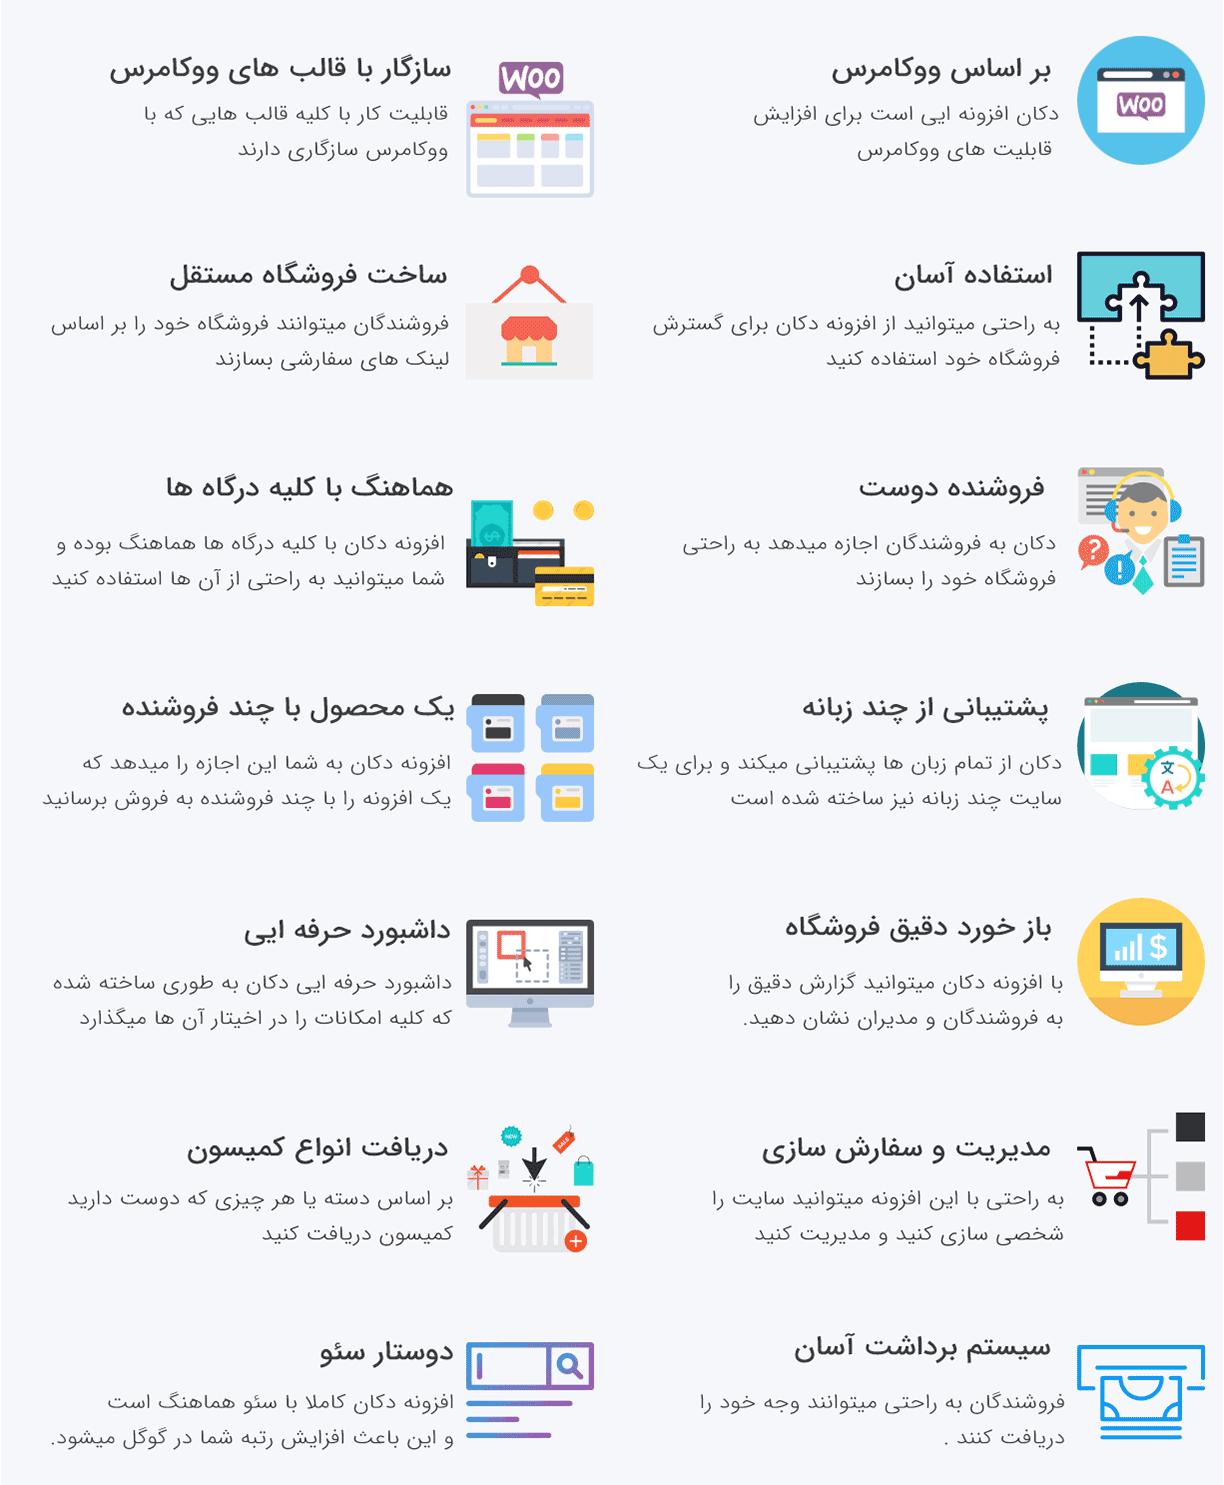 ویژگی های افزونه دکان نسخه پرو